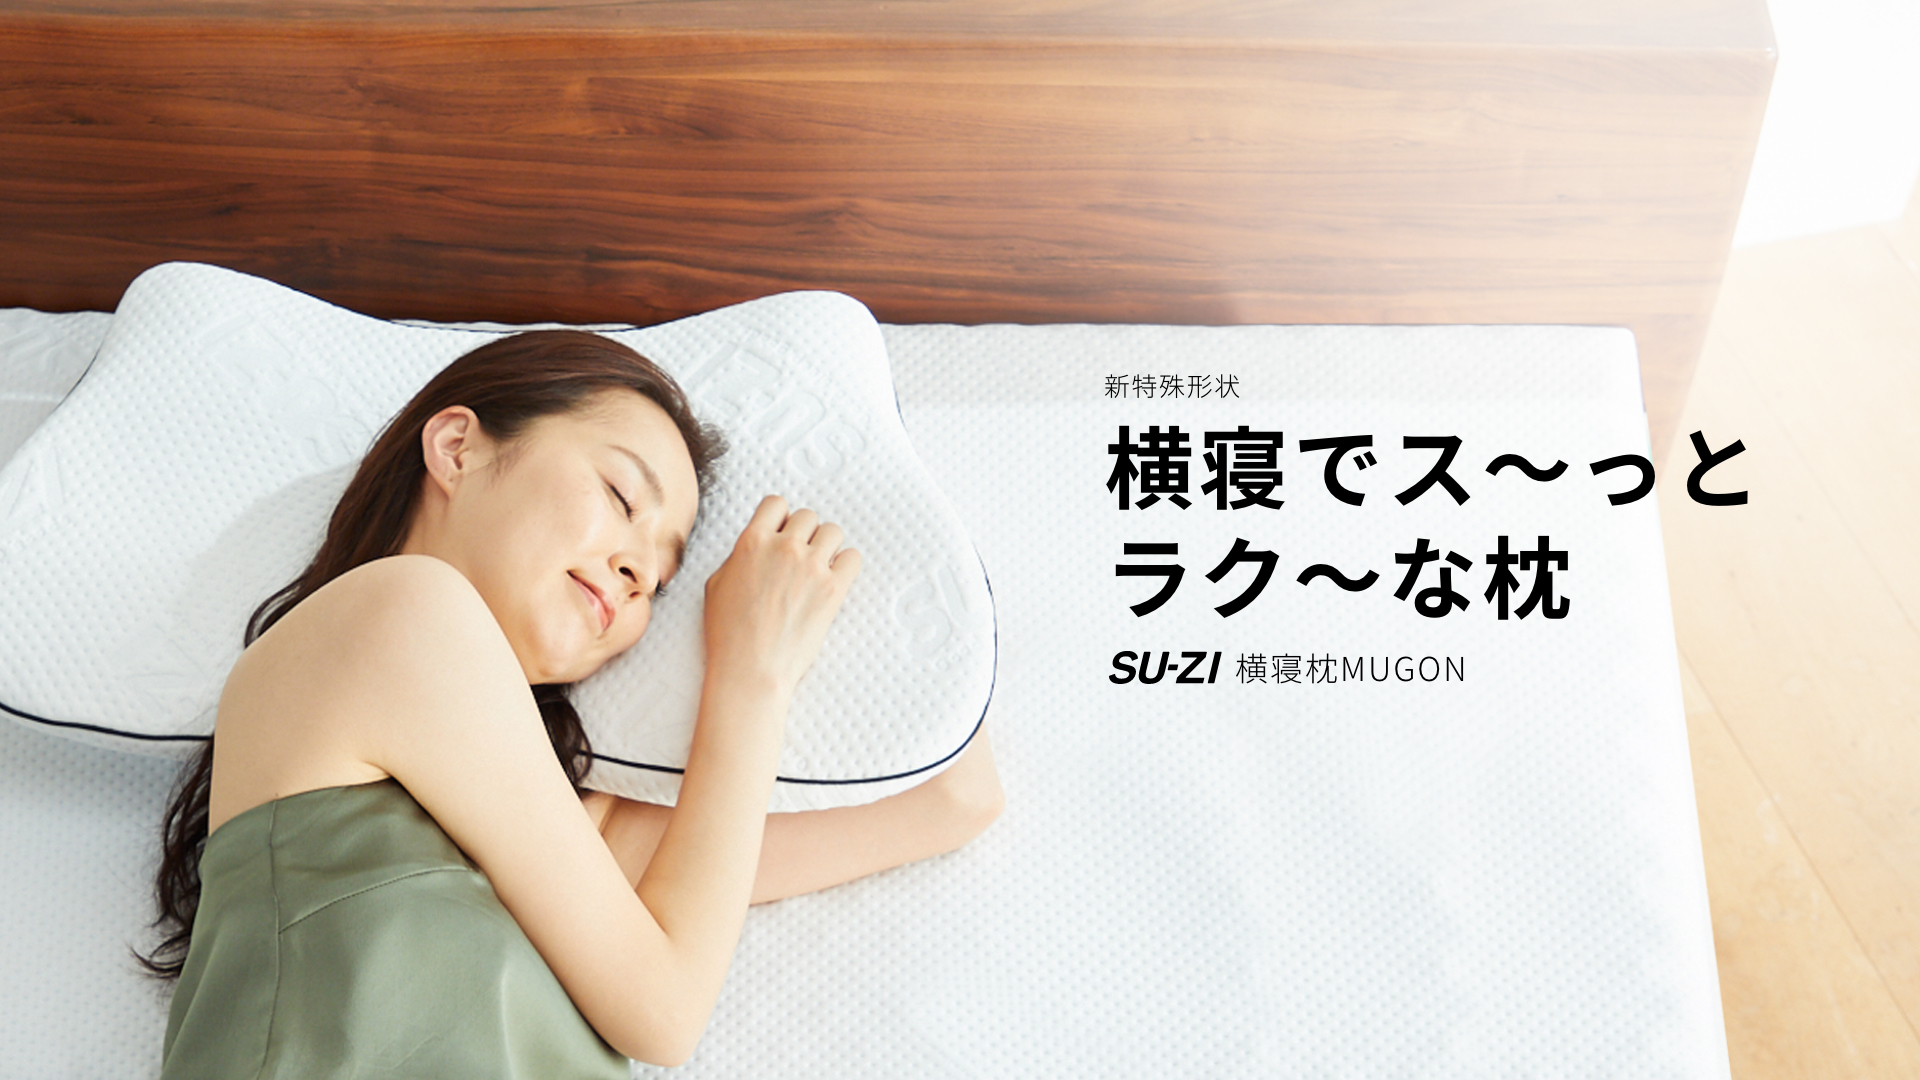 呼吸がす〜っとラク〜な枕 横寝枕MUGON